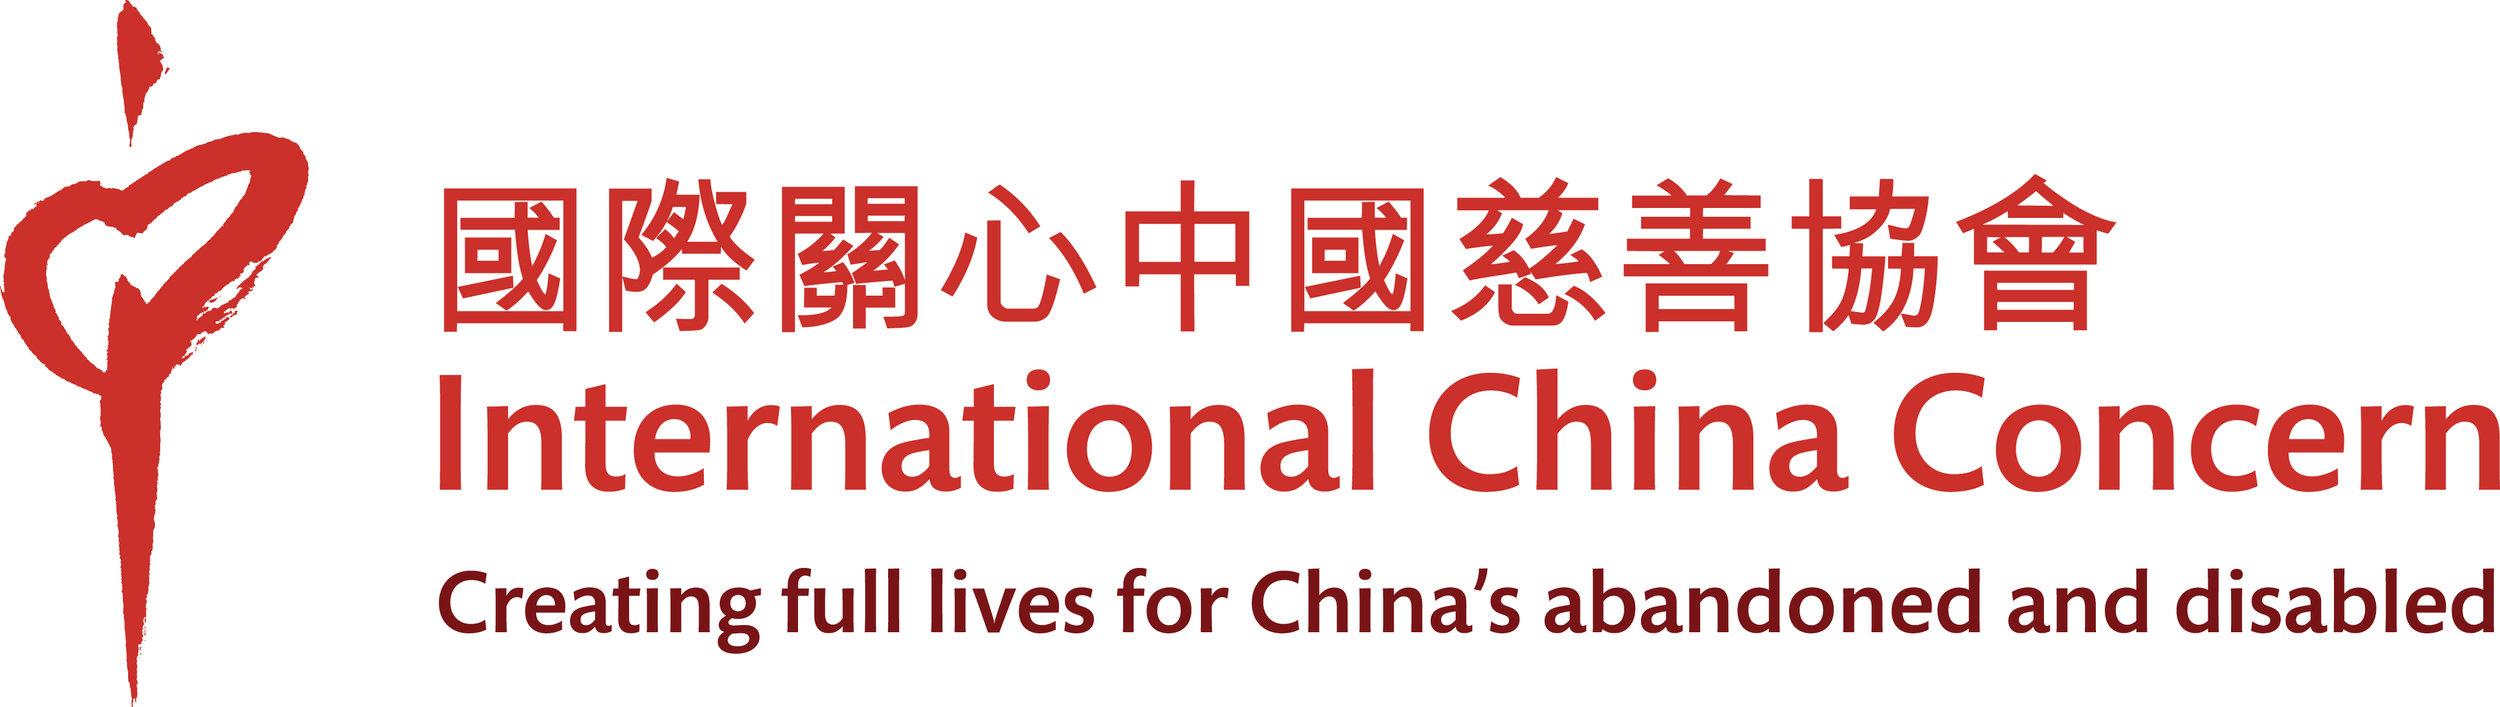 logo-type-slogan-red-web.jpg